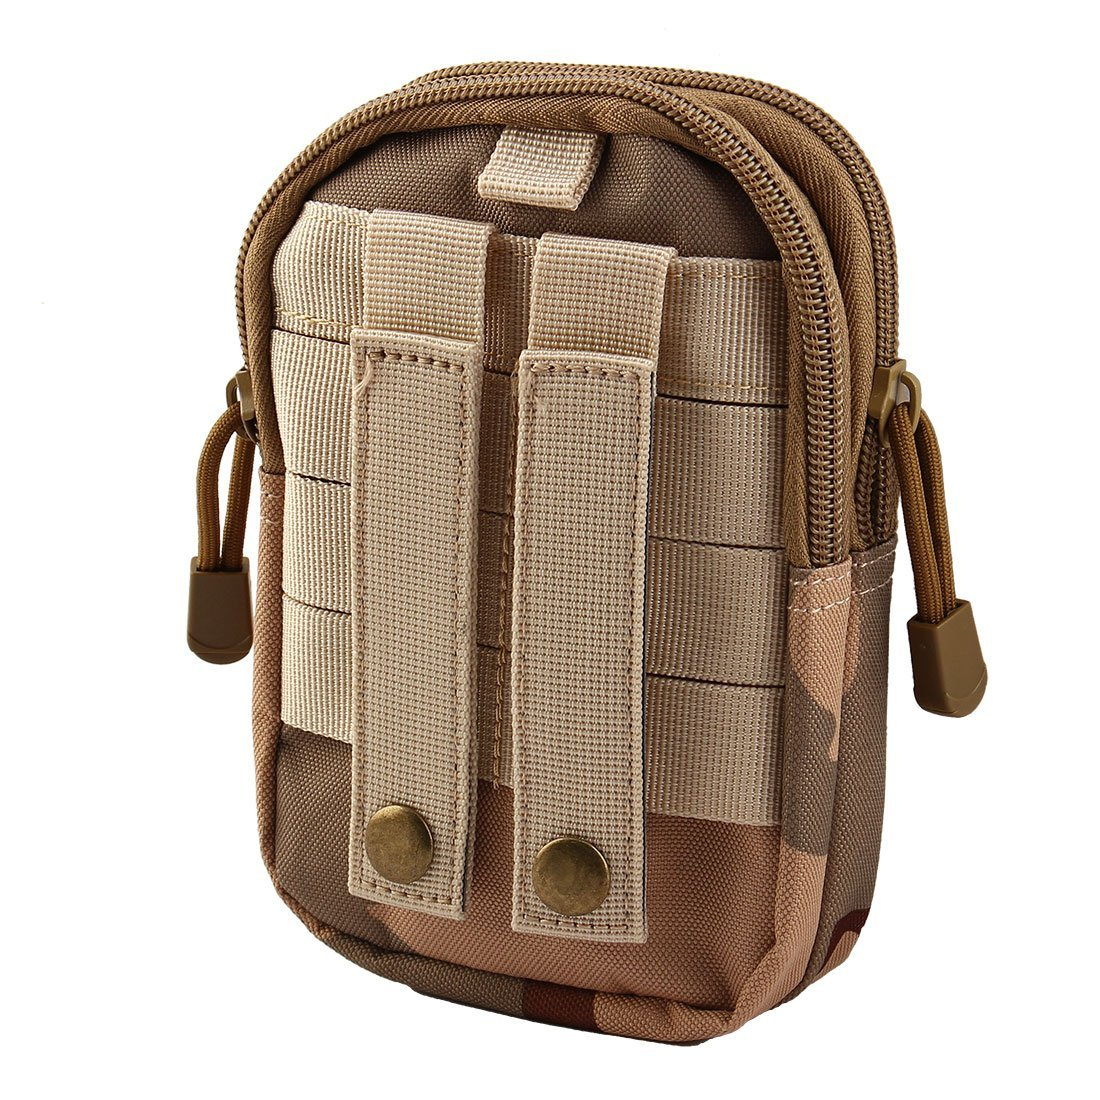 eDealMax Camouflage Print Nylon Sport Camping Chiusura a cerniera 2 Compartimento Della Penna del supporto del raccoglitore del sacchetto Della vita